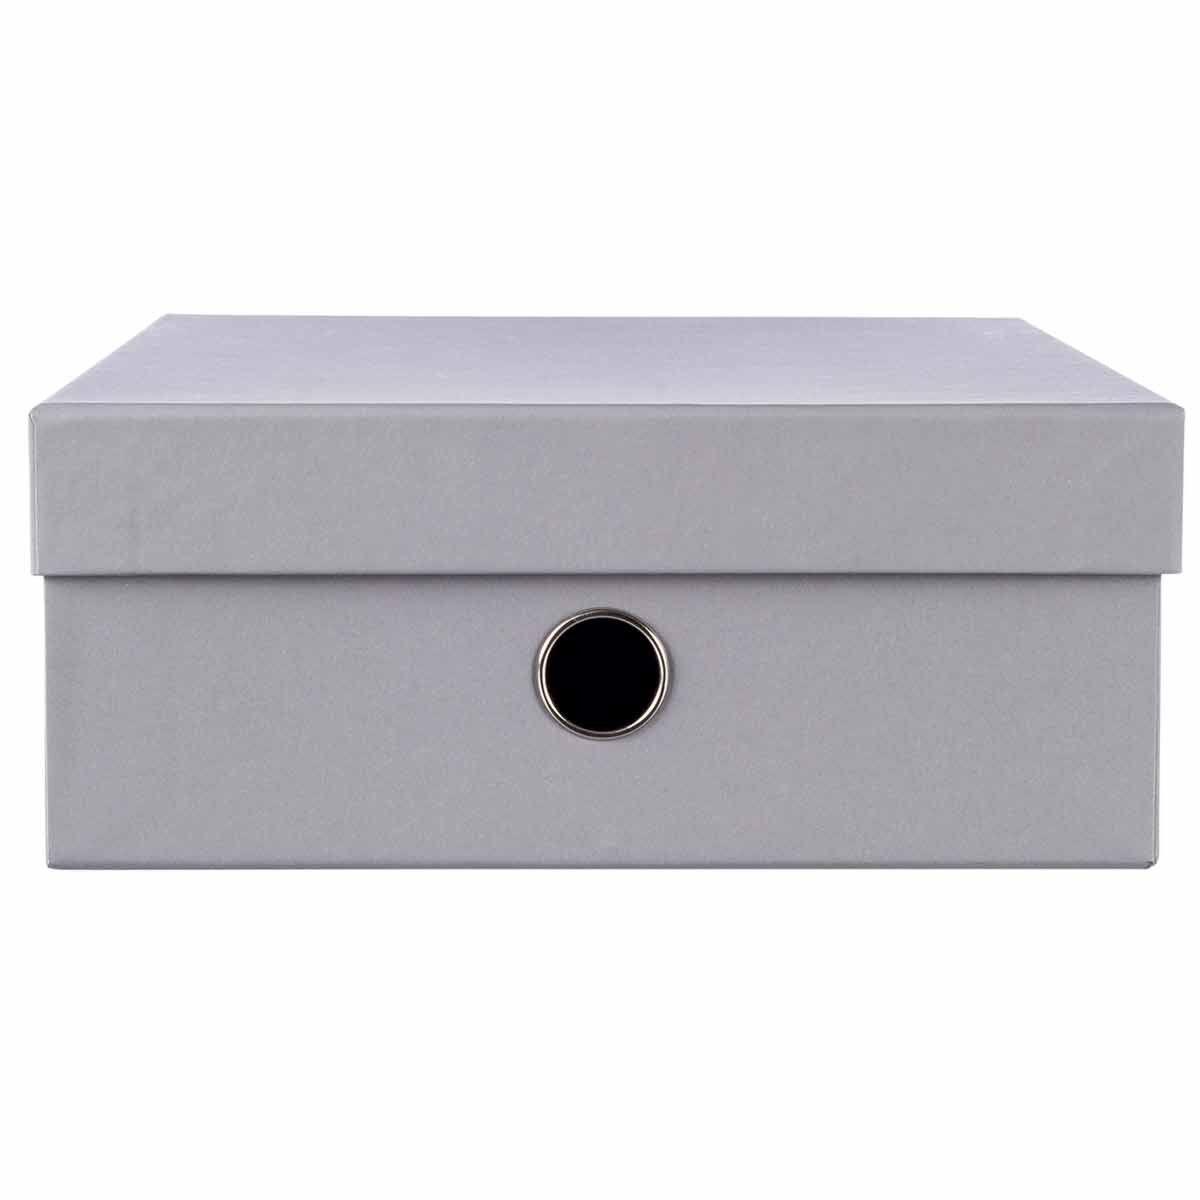 Ryman Pastel Storage Box A4 Dove Grey